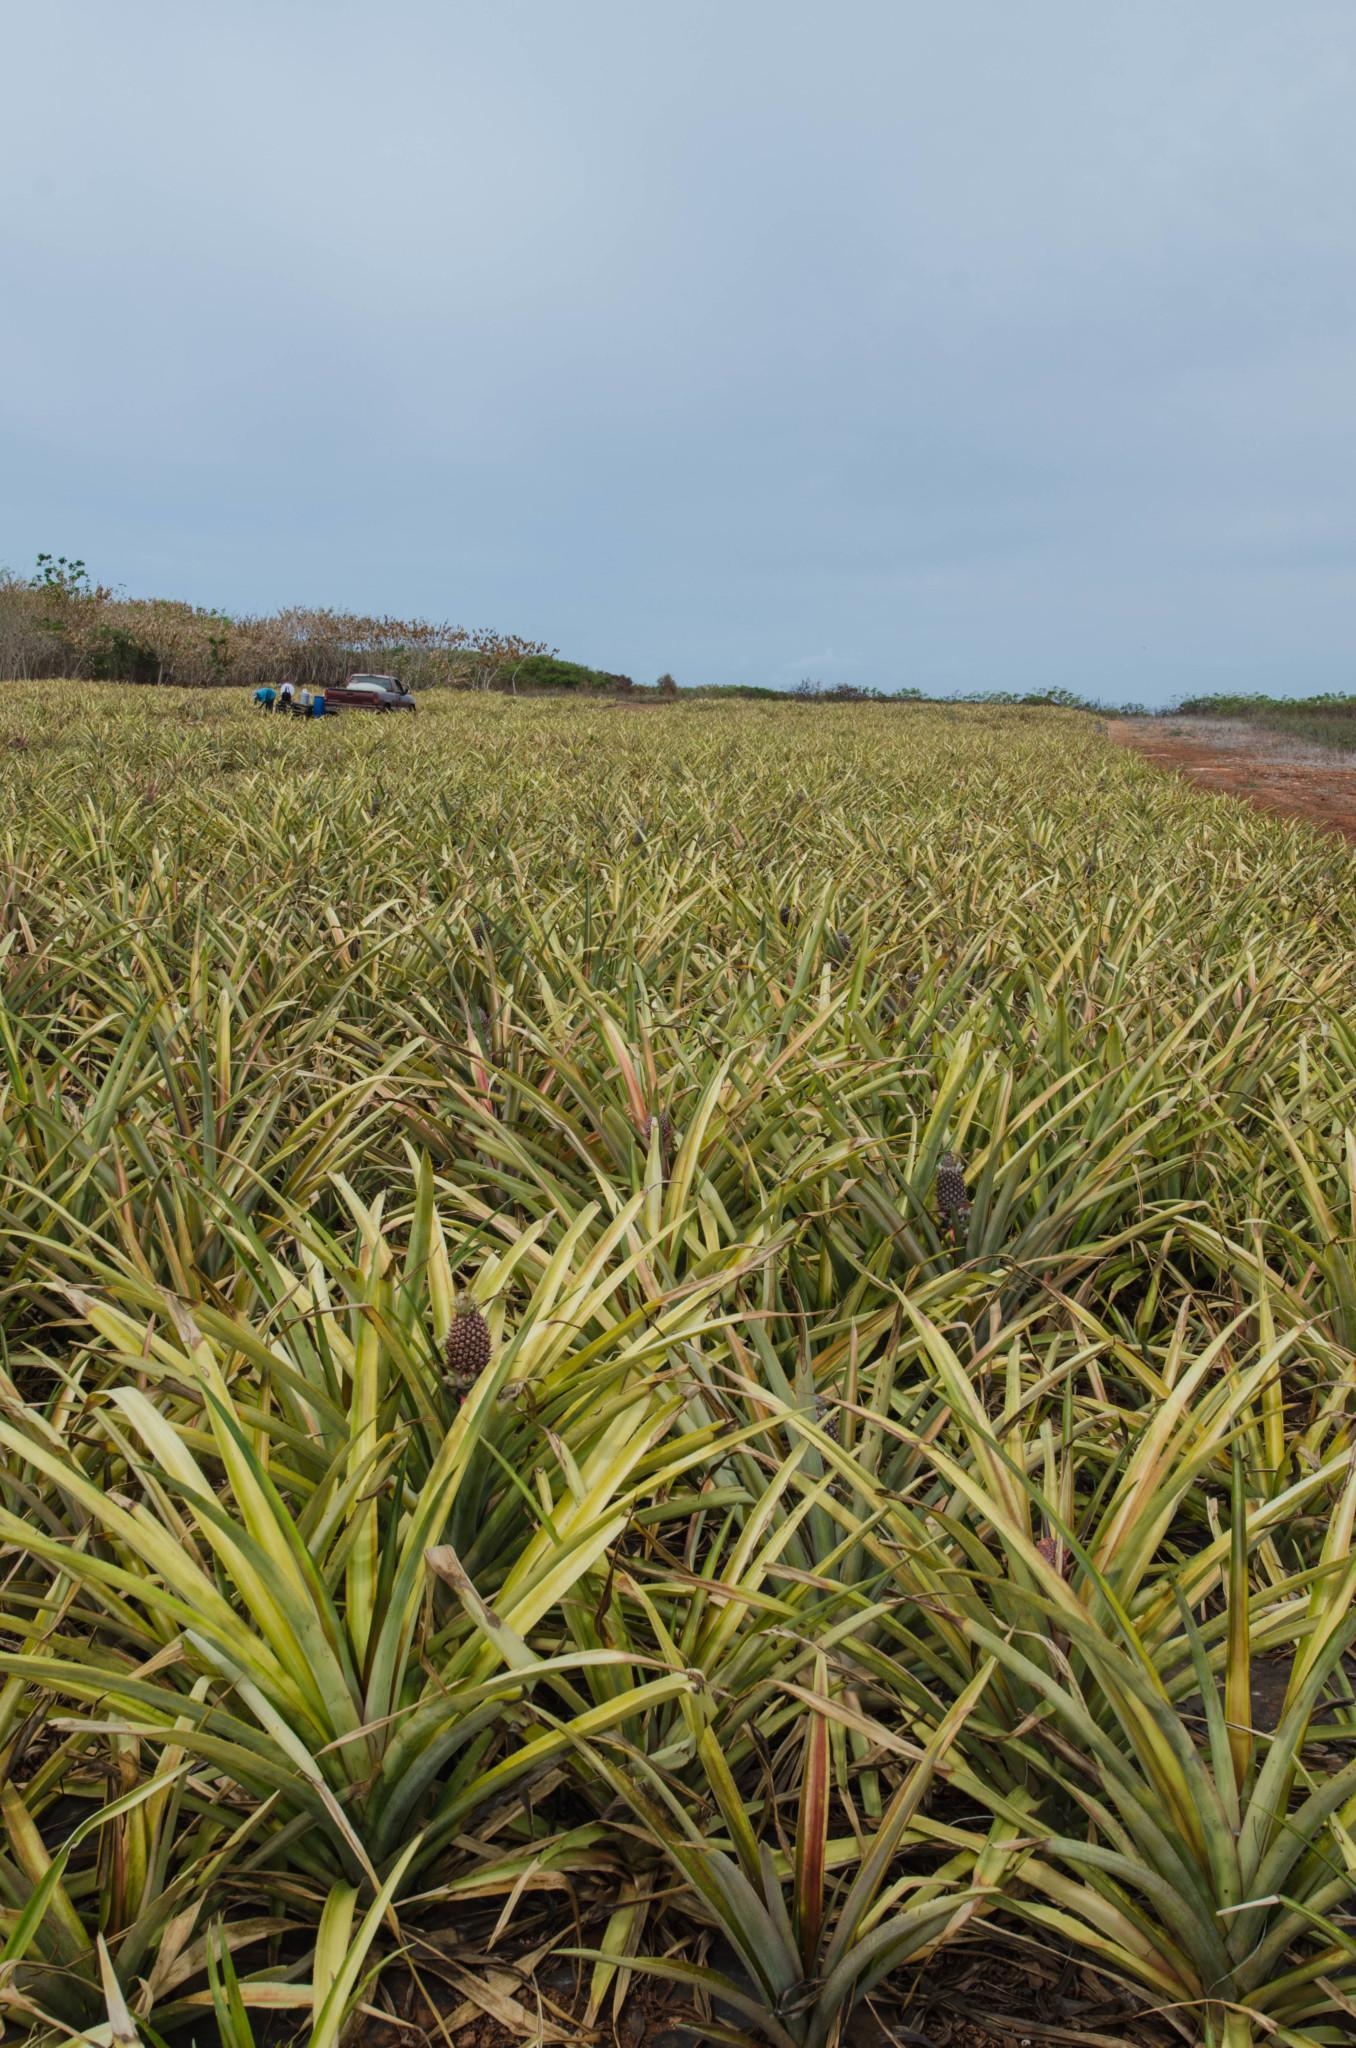 Ananasfeld auf Eleuthera in den Bahamas